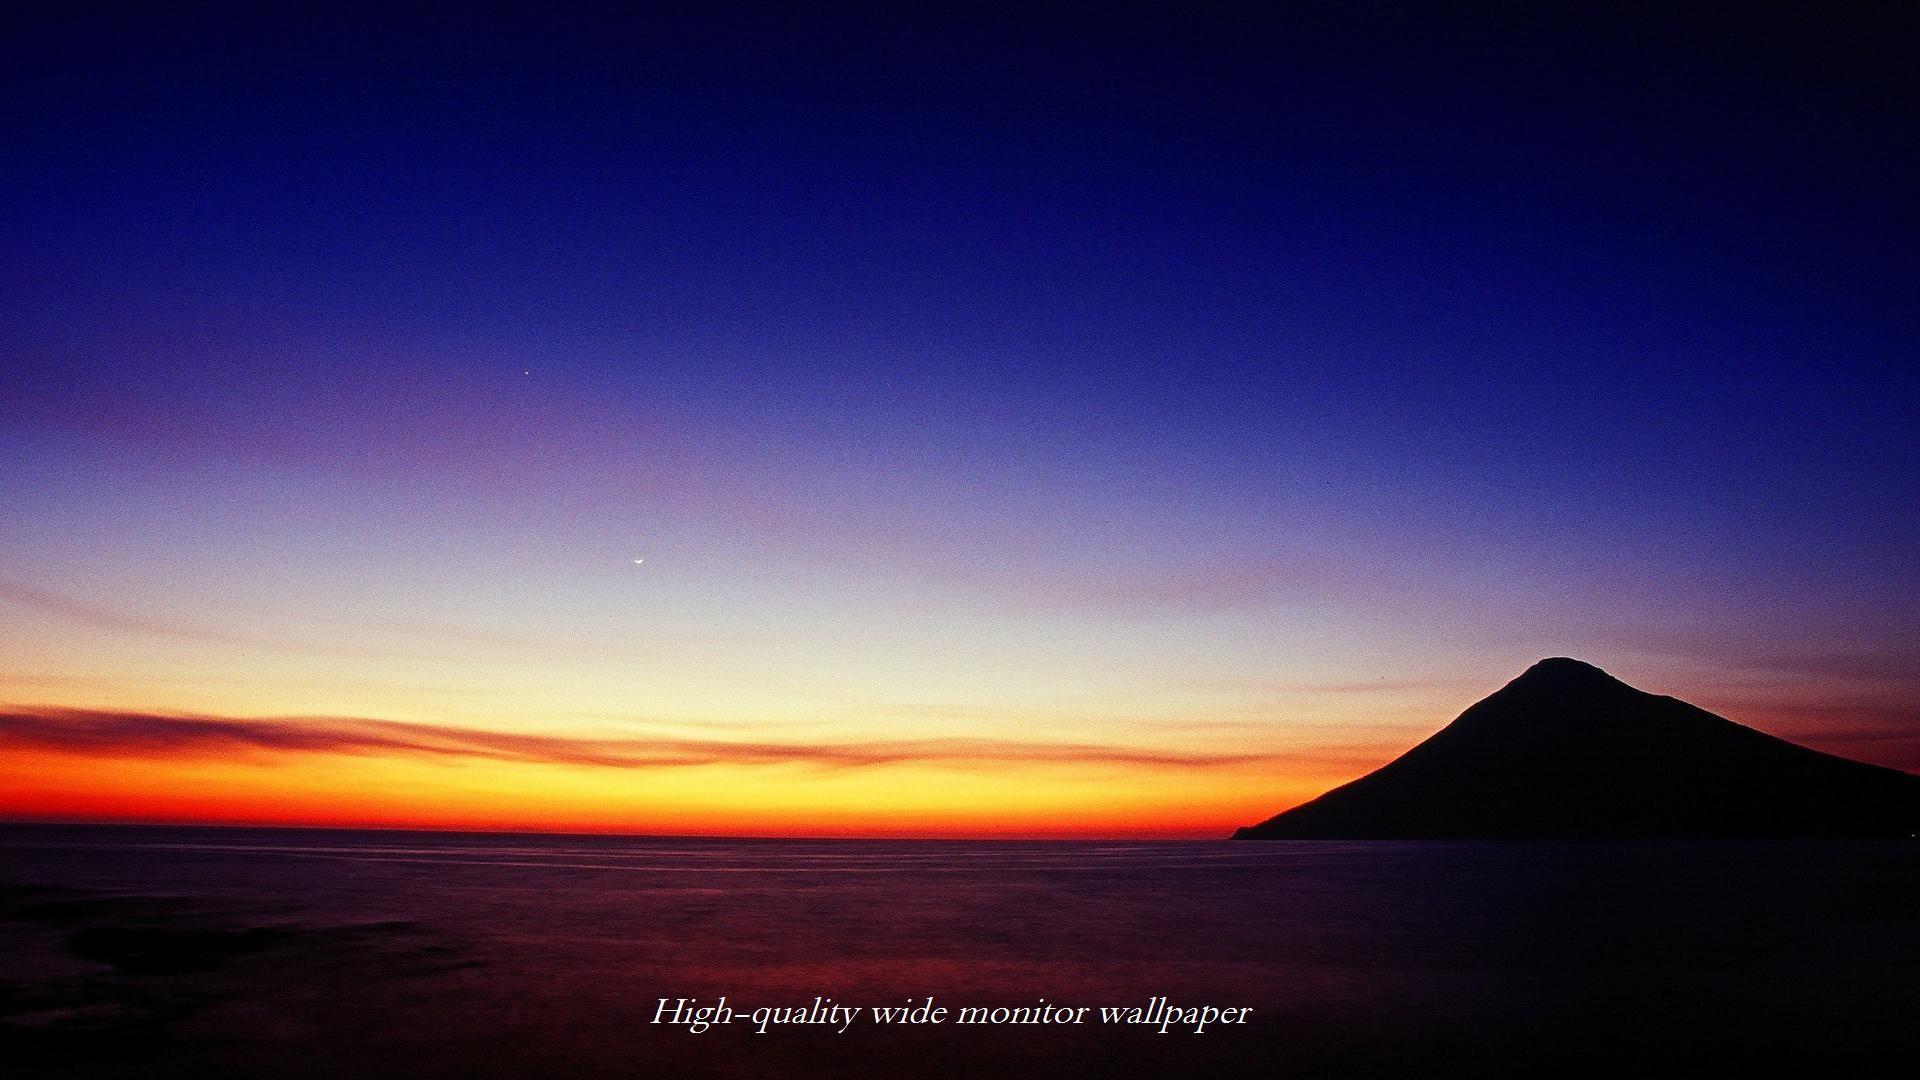 薩摩富士夕景をモチーフにしましたアスペクト比16 9のモニター